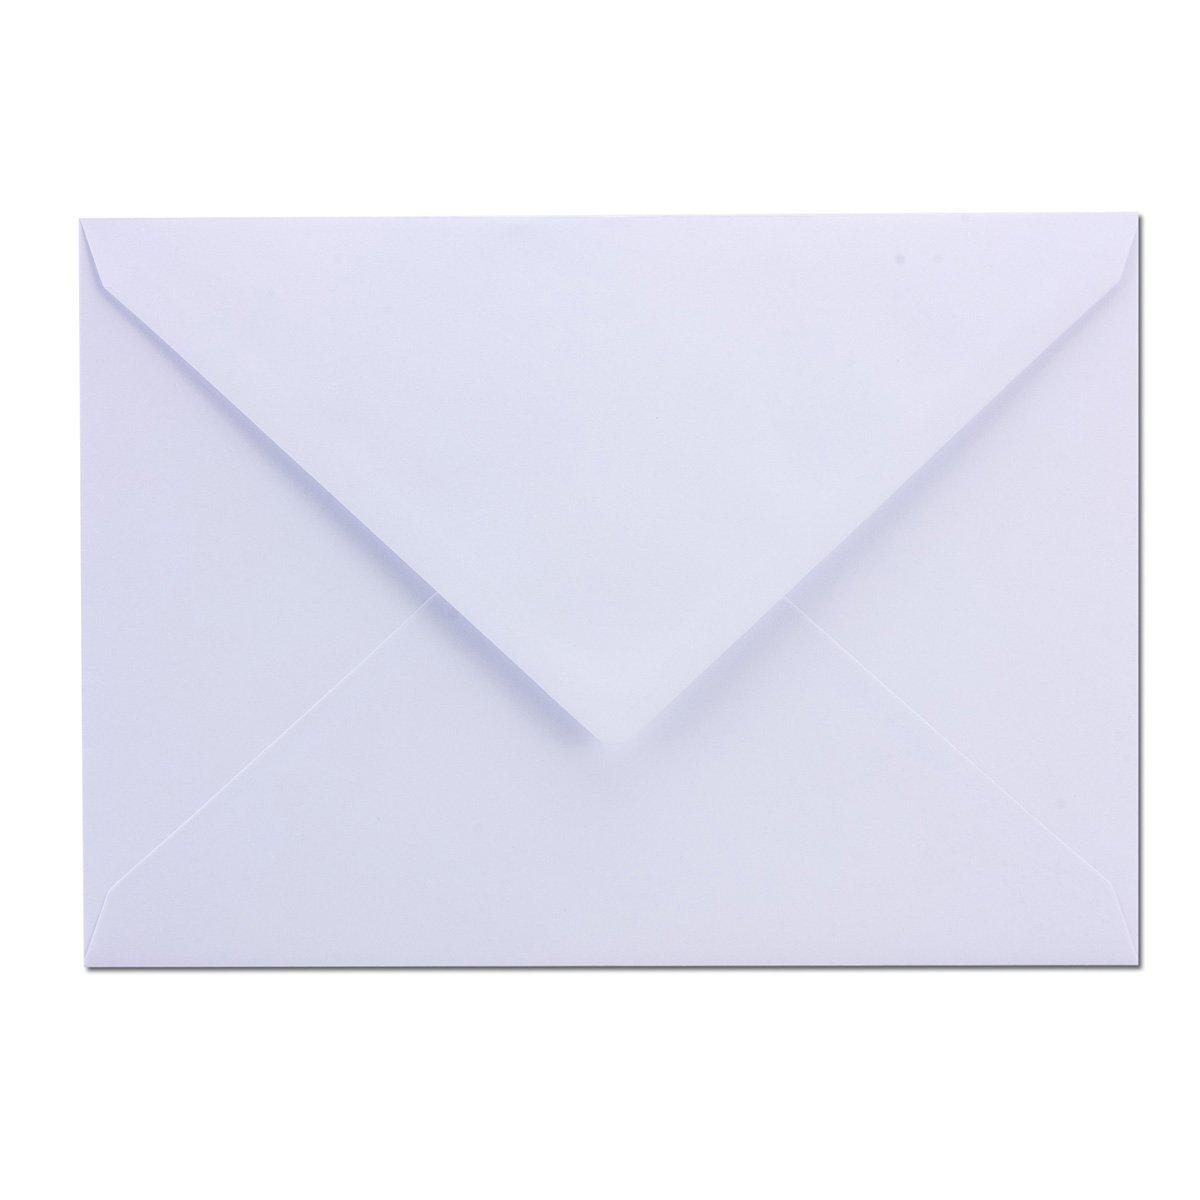 300x Weihnachts-Briefumschläge   DIN DIN DIN C6   mit Gold-Metallic geprägtem Sternenregen  Farbe  Sandbraun  Nassklebung, 120 g m²   114 x 162 mm   Marke  GUSTAV NEUSER® B07CHTZHBV | Ästhetisches Aussehen  | Feinen Qualität  | Genial Und Pra be31cf